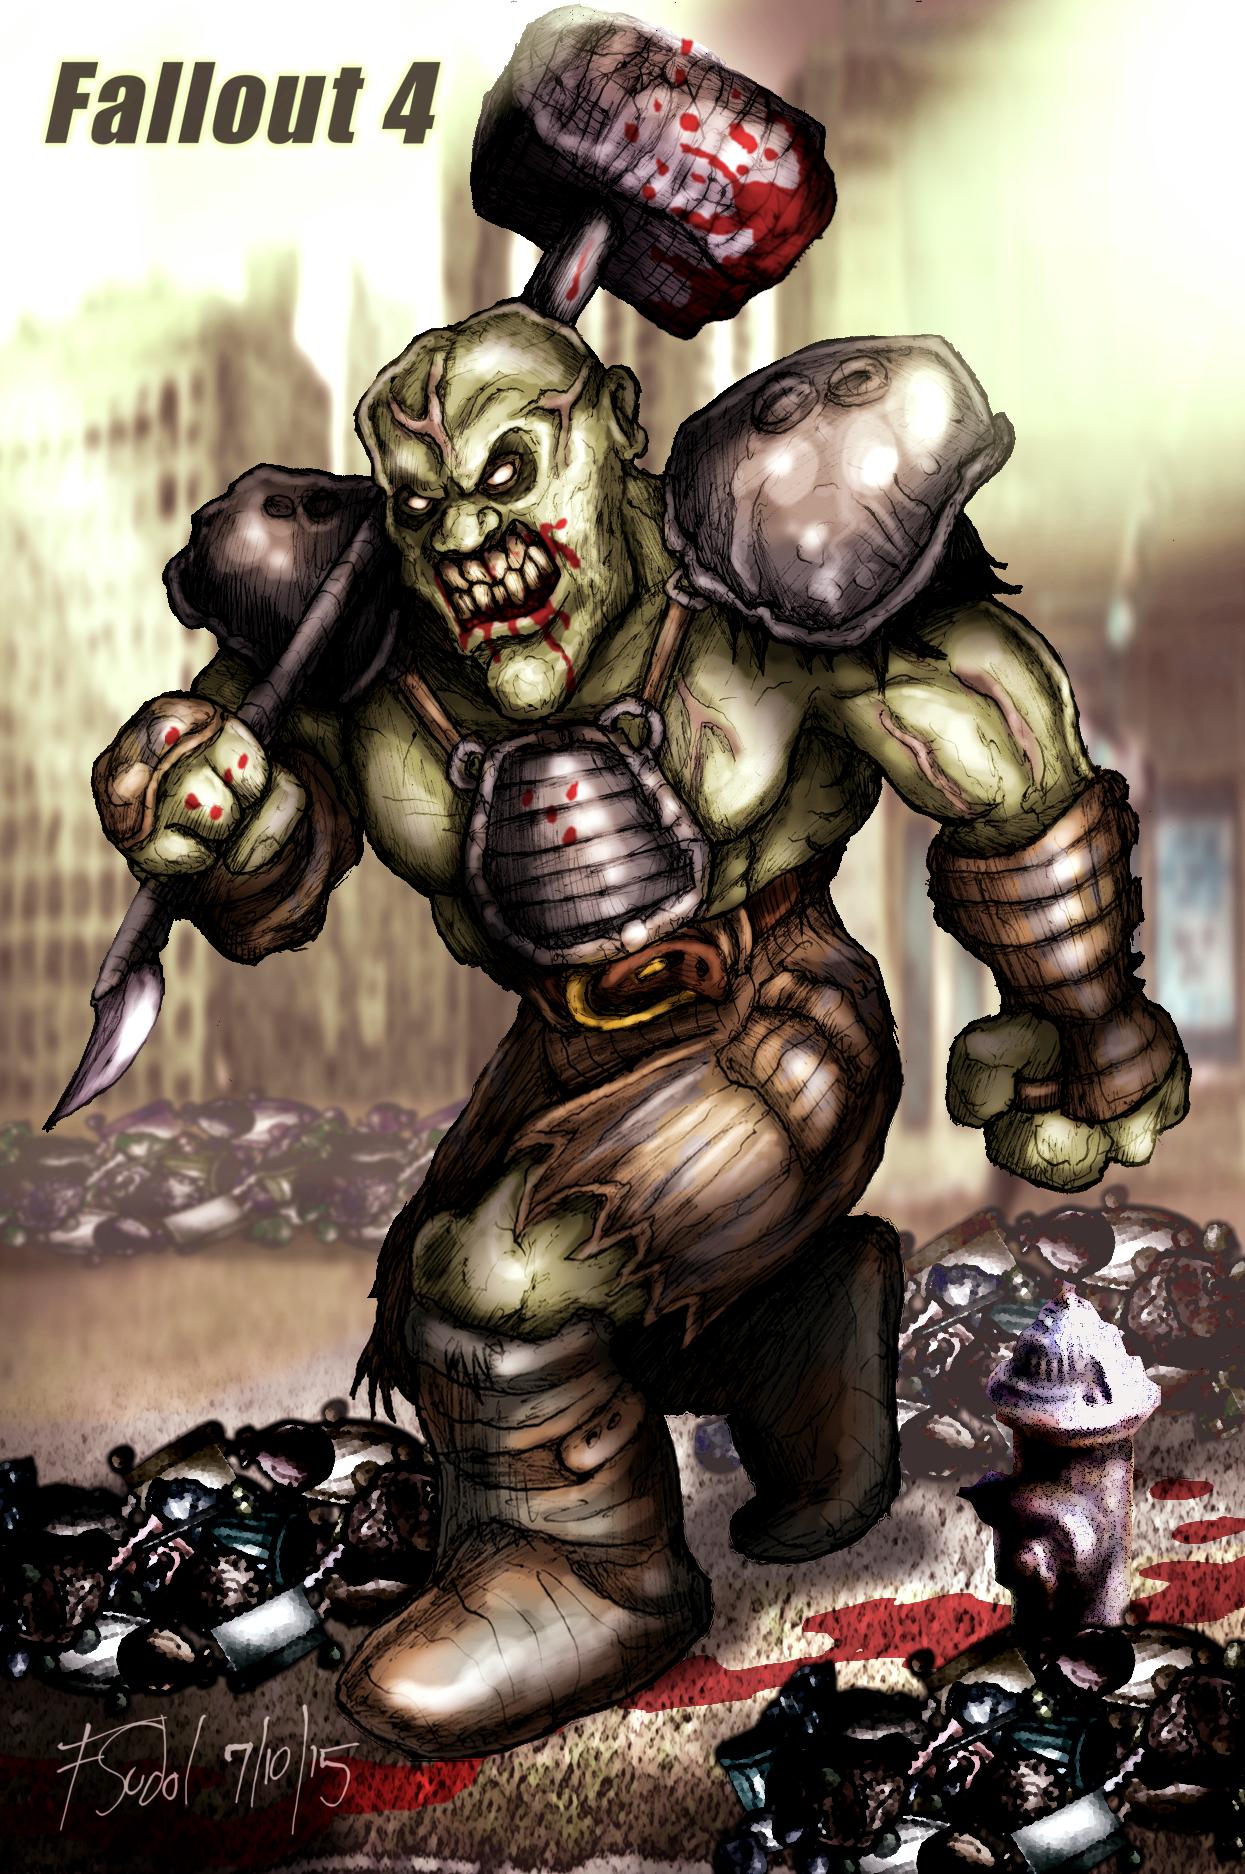 Super Mutant Fallout Fan Art